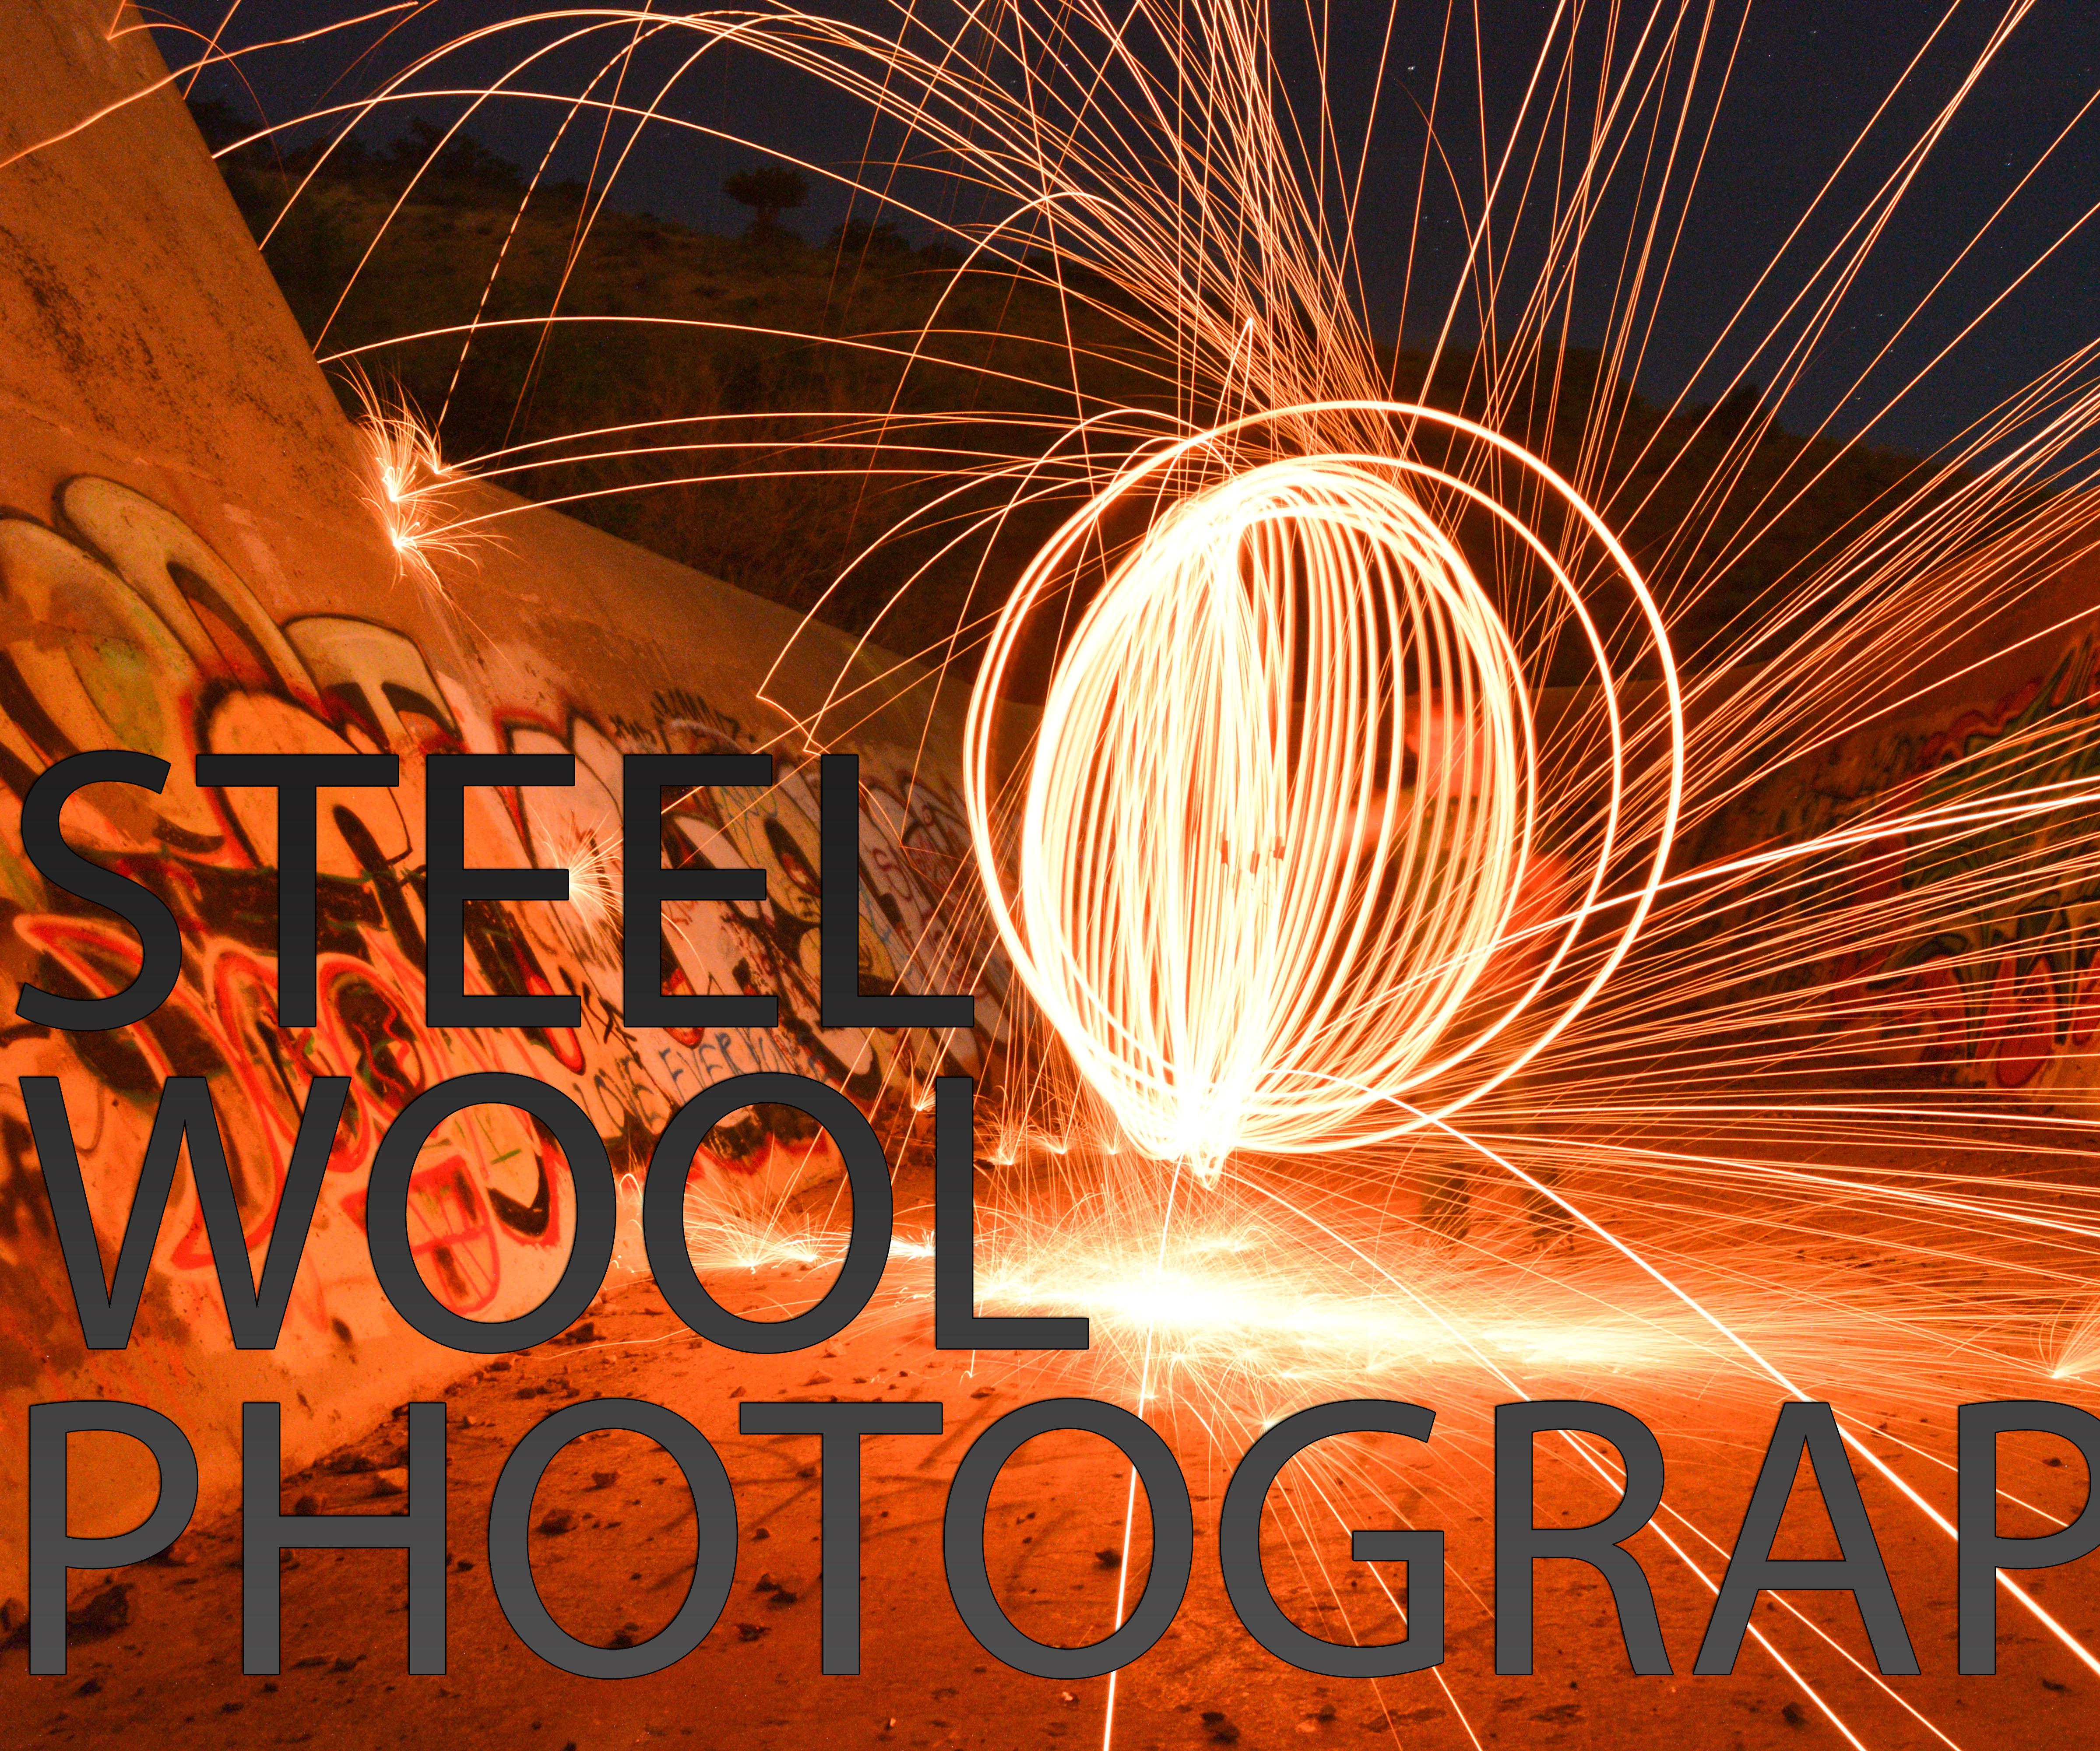 Incredible Steel Wool Photography!